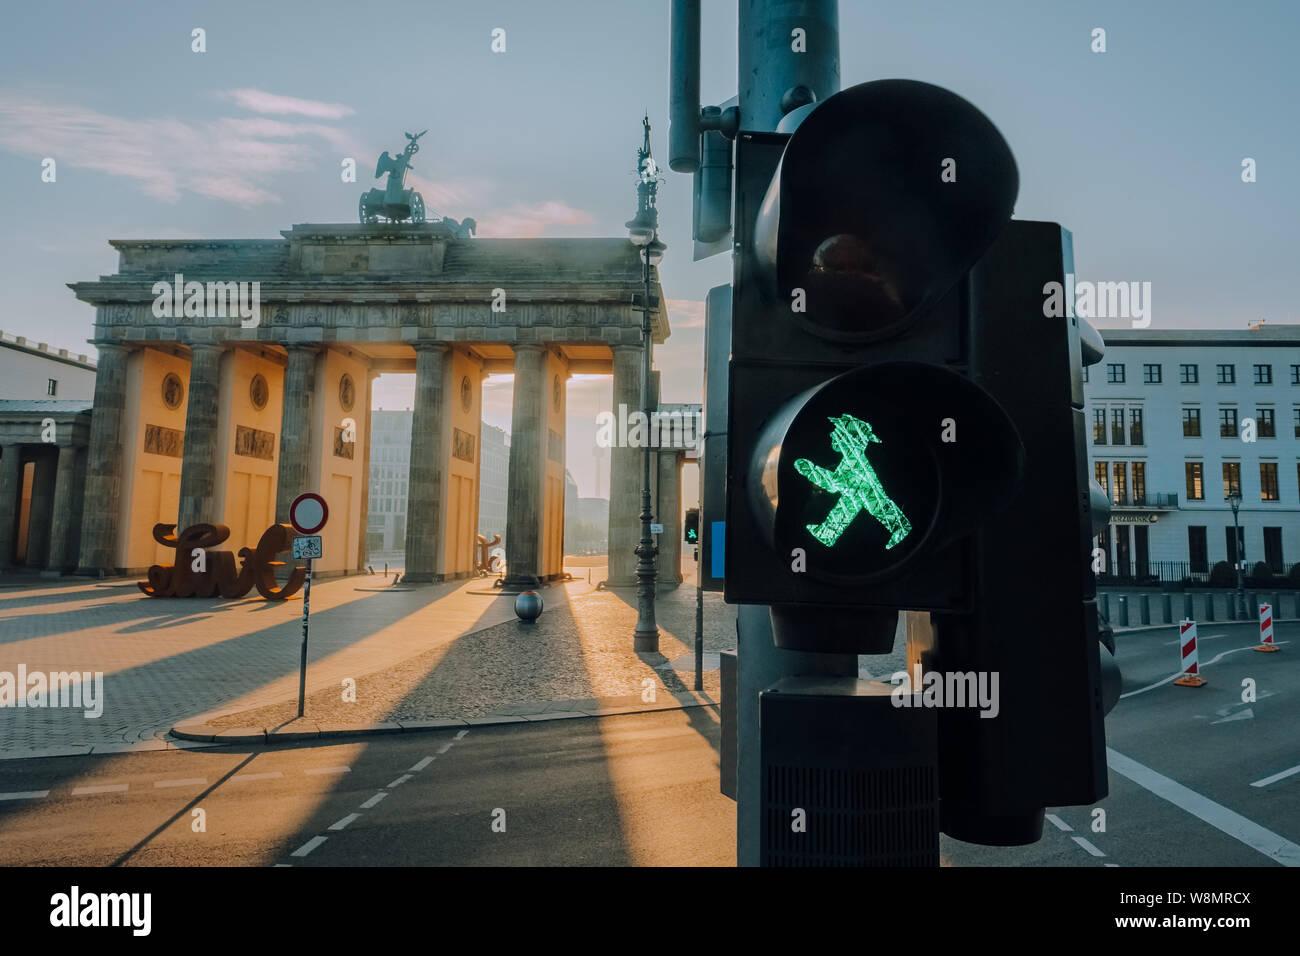 Ampelmann Berlin grüne Ampel close-up mit Brandenburger Tor im Hintergrund bei Sonnenaufgang Stockfoto